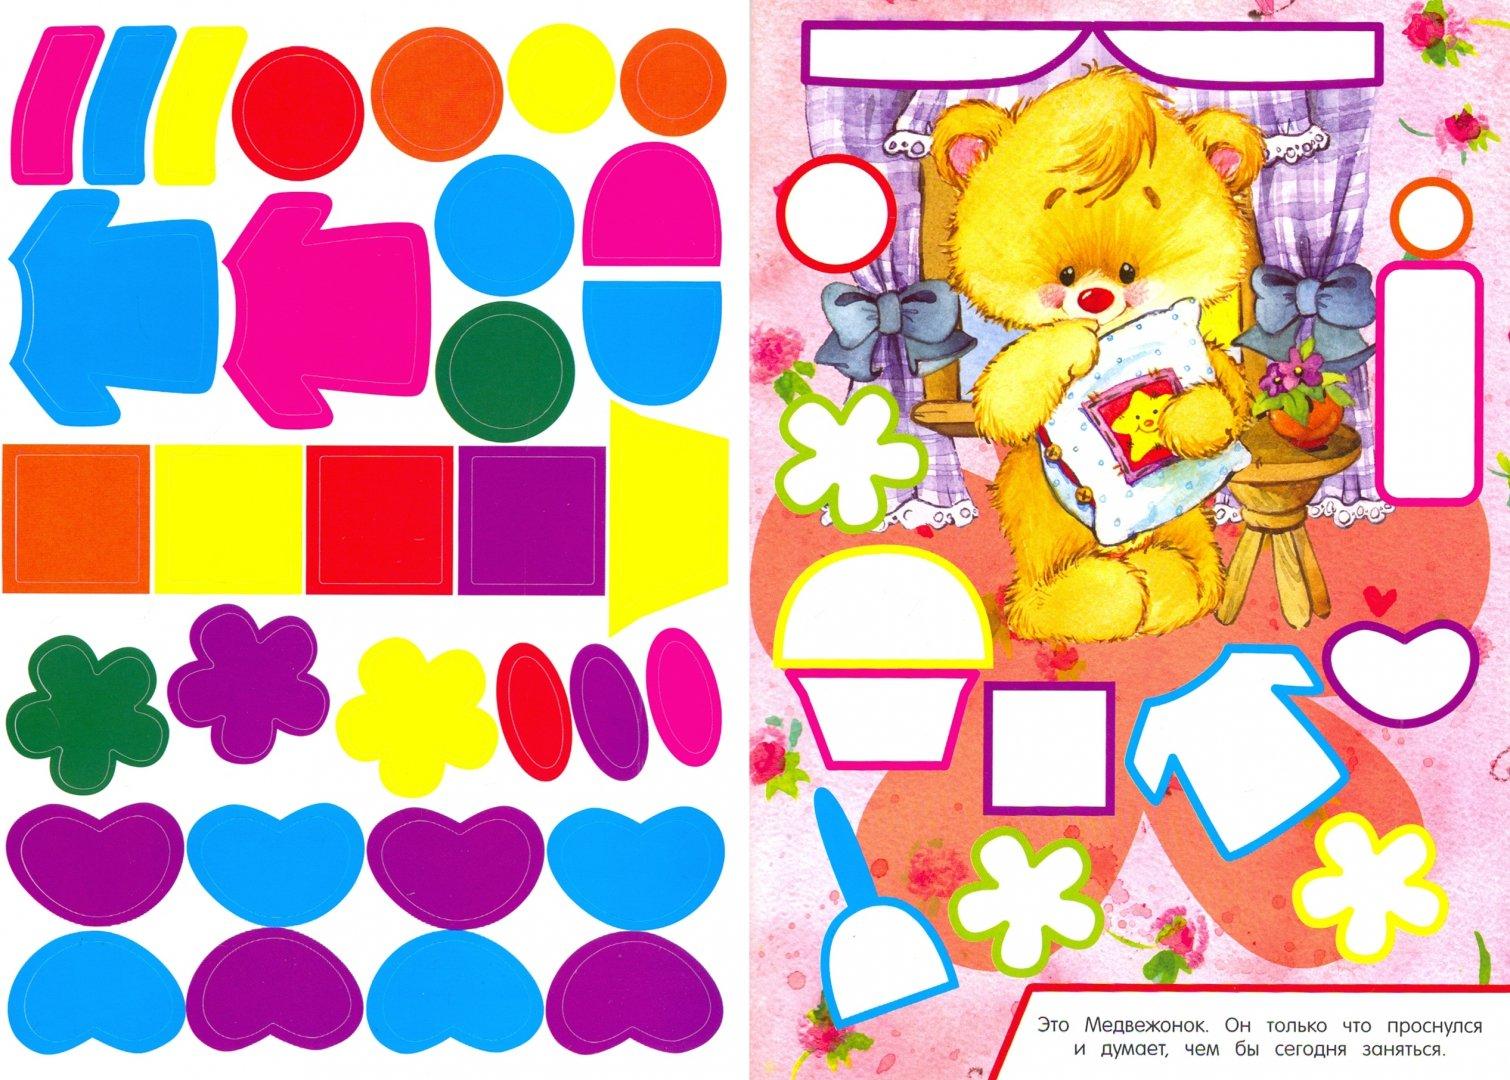 Иллюстрация 1 из 12 для Вклей-ка наклейку. Медвежонок   Лабиринт - книги. Источник: Лабиринт